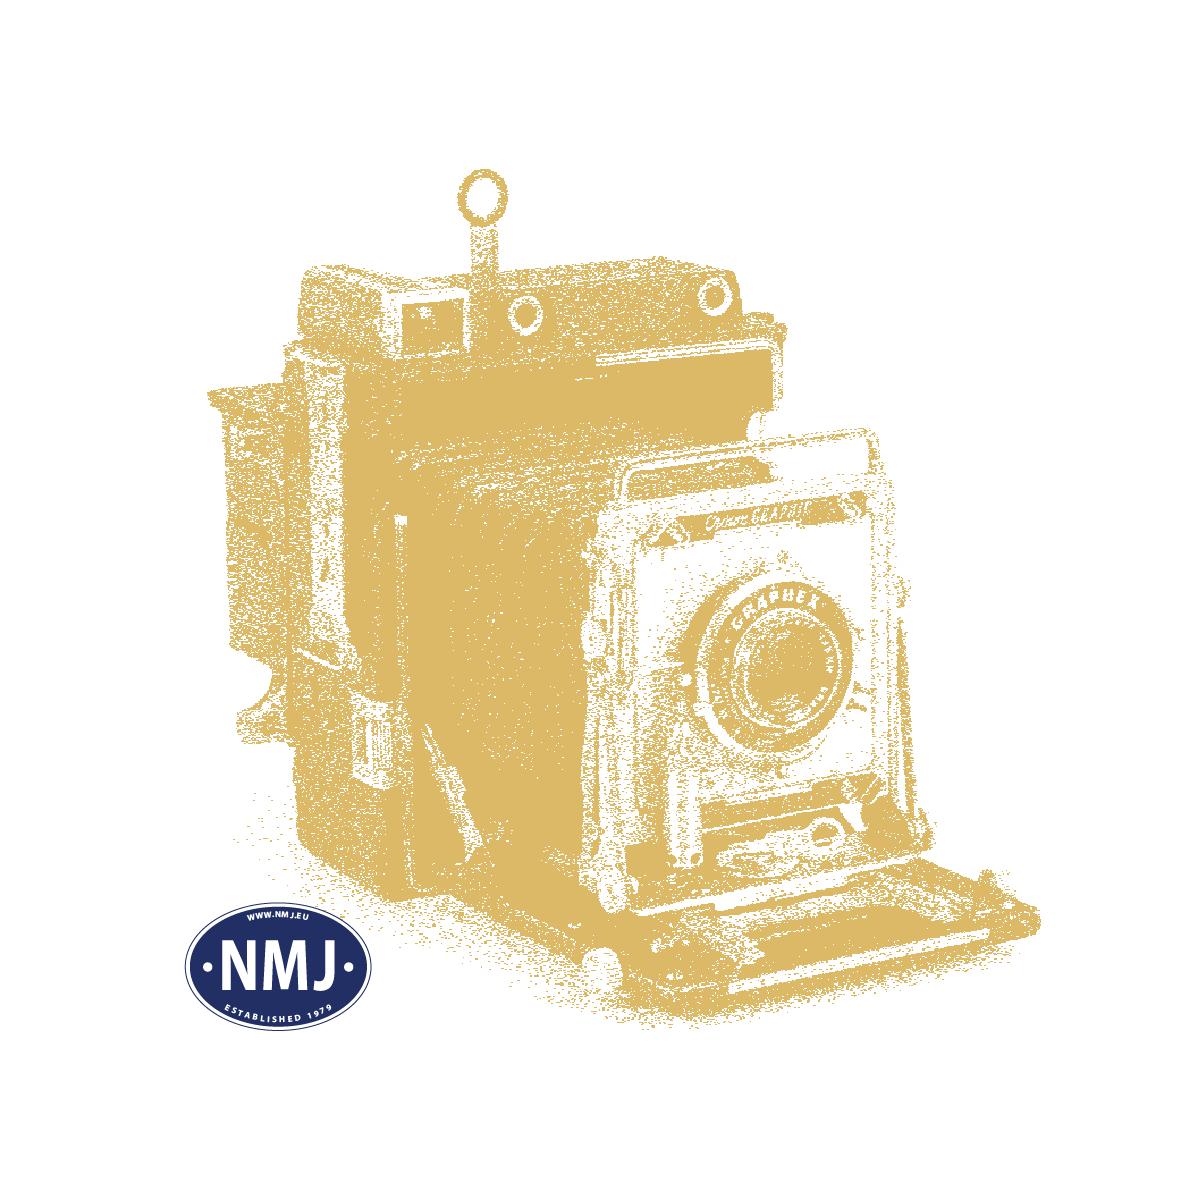 NMJH15125 - NSB Dressinskur, Rød/Hvit, Ferdigmodell